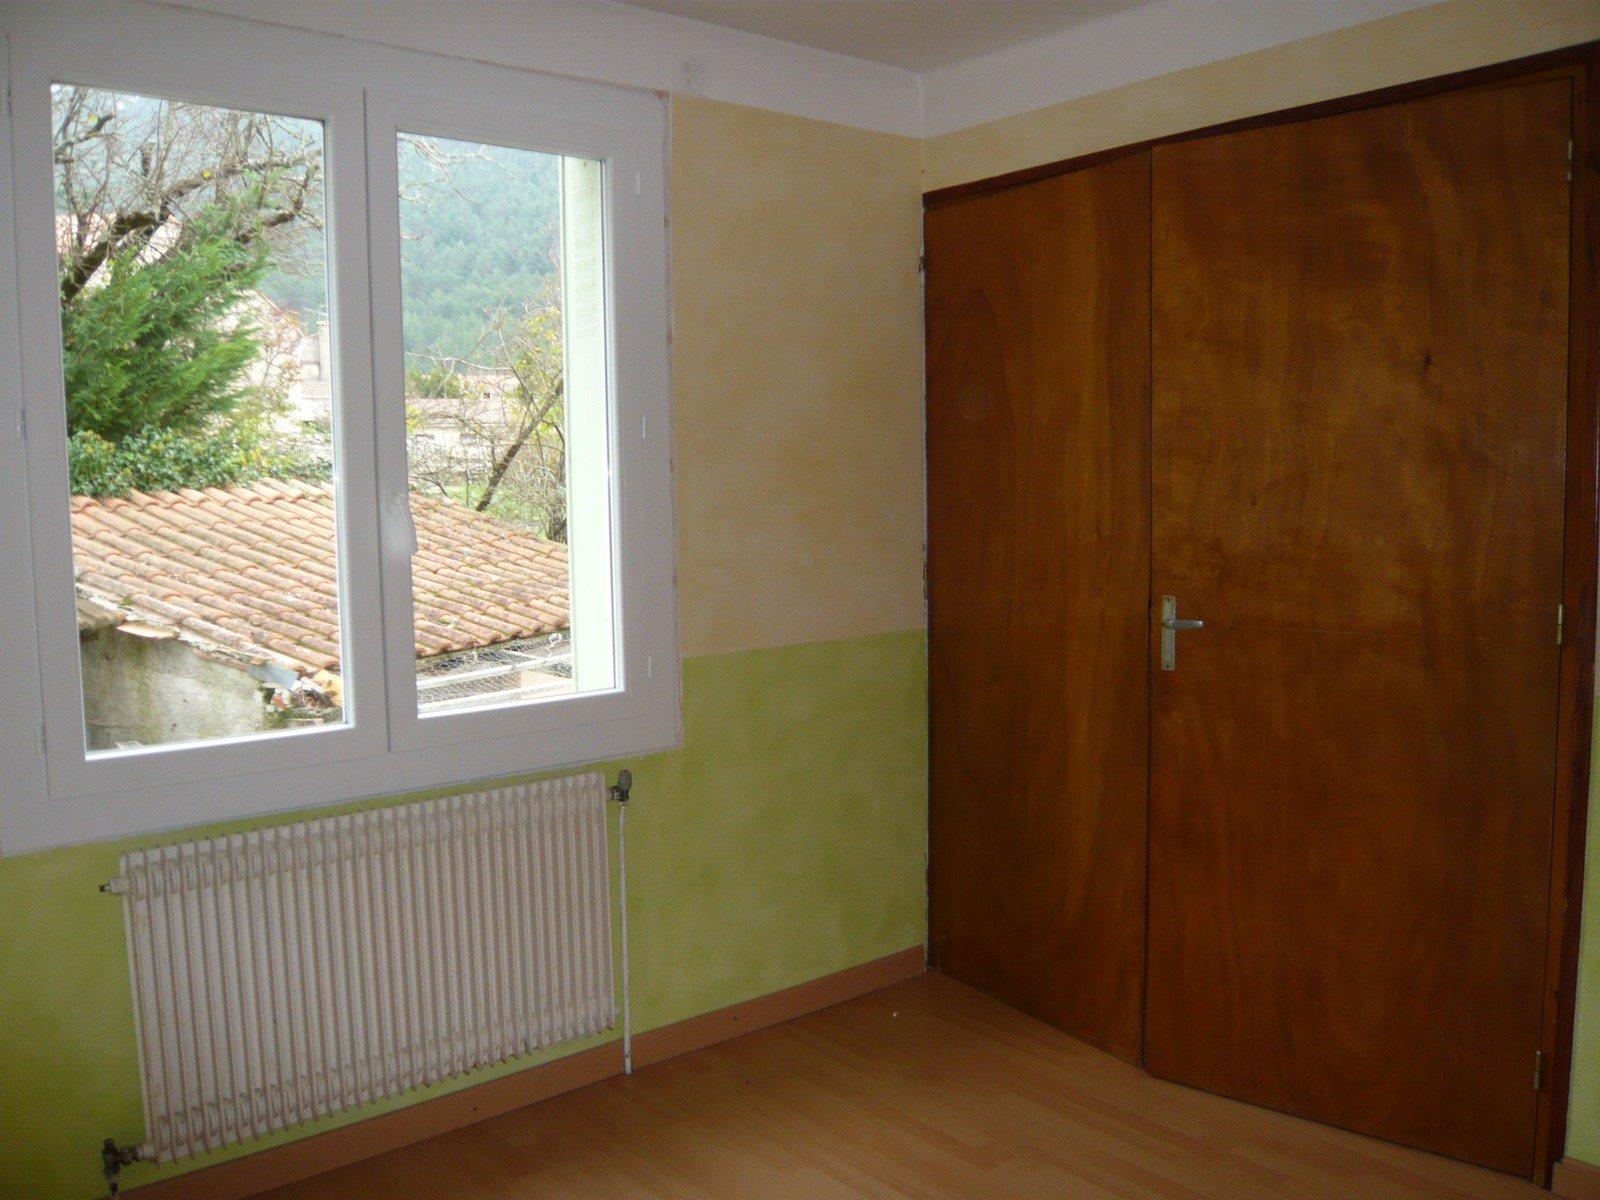 Villa 2 appartements -1000m² terrain clos